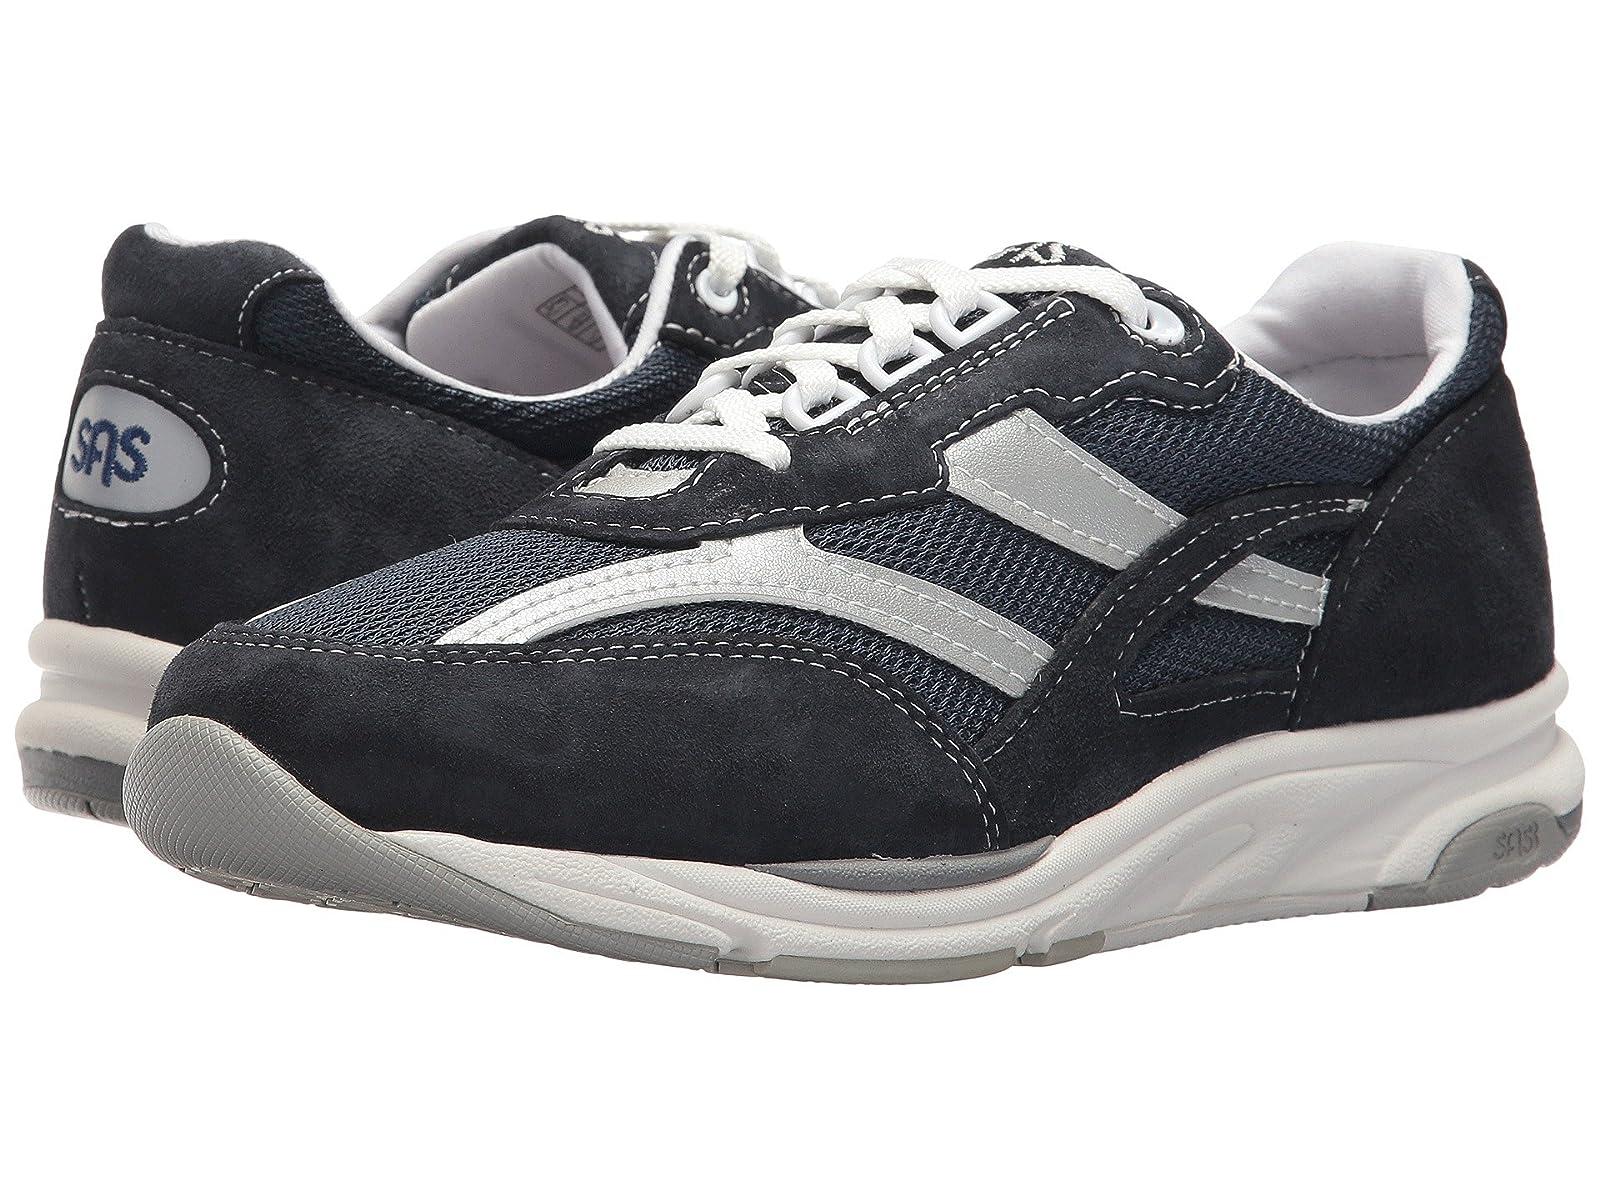 SAS Tour MeshAtmospheric grades have affordable shoes